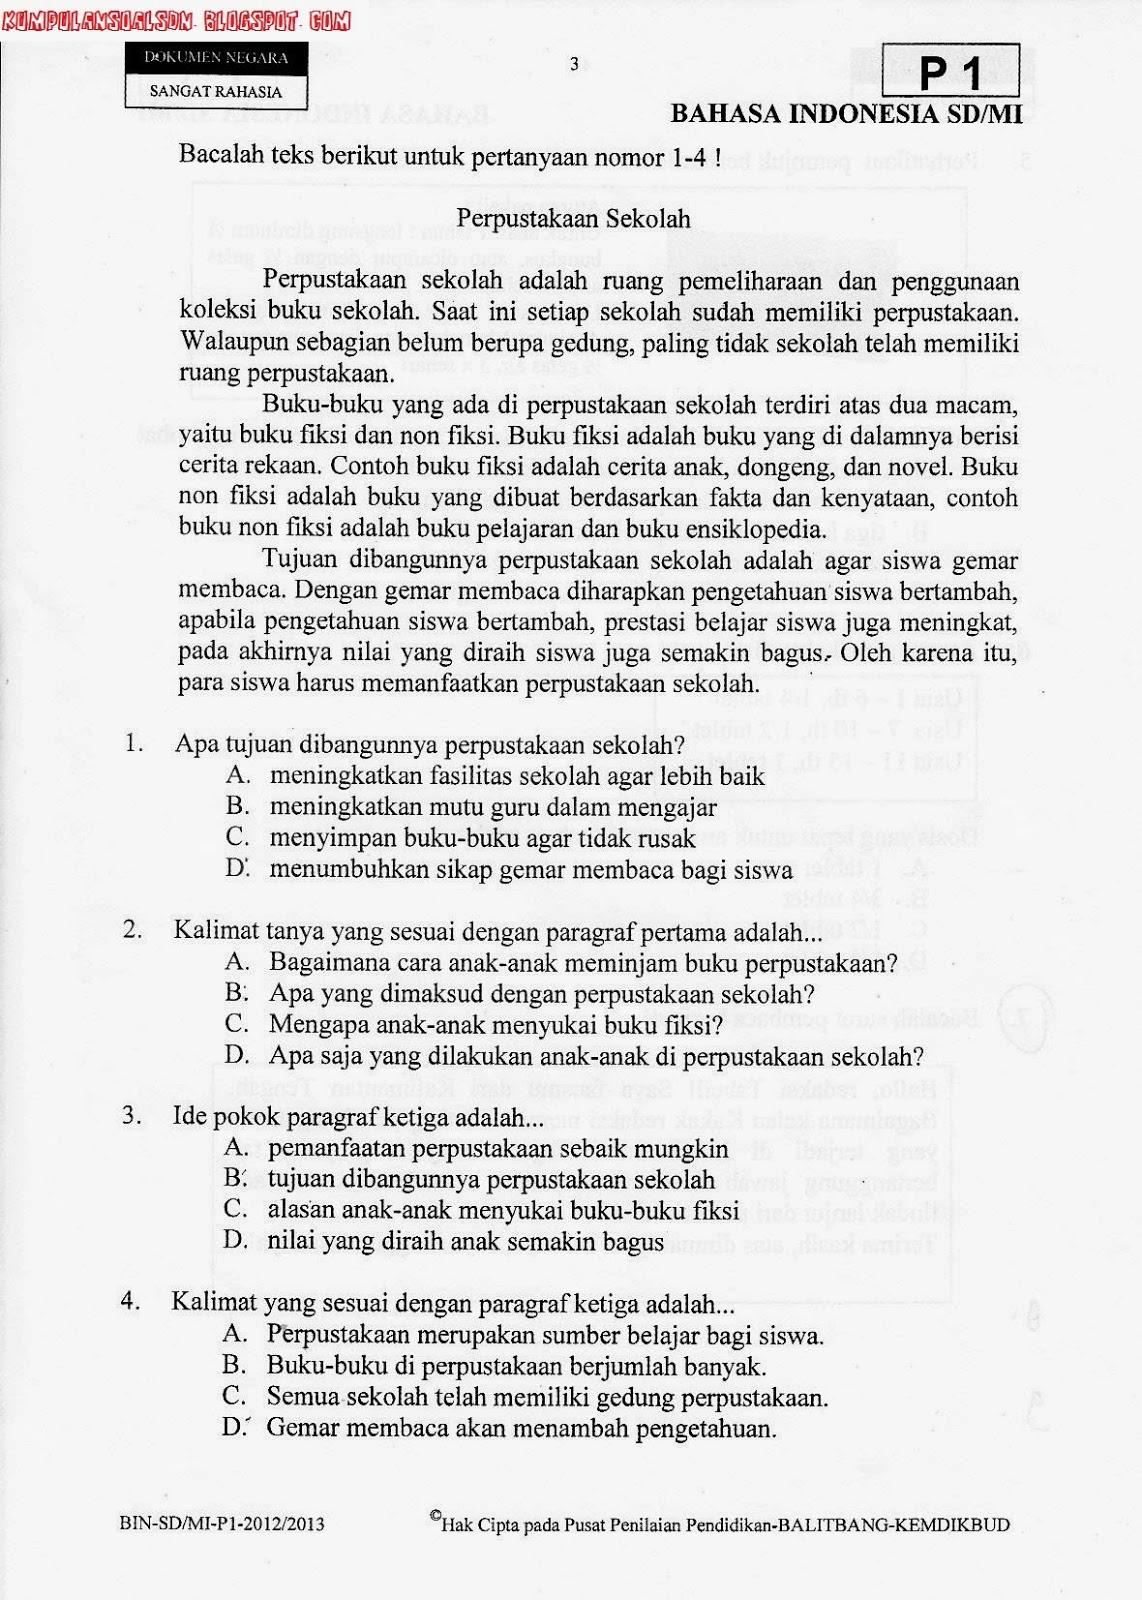 Soal Un Utama Bahasa Indonesia Ta 2012 2013 Portal Download